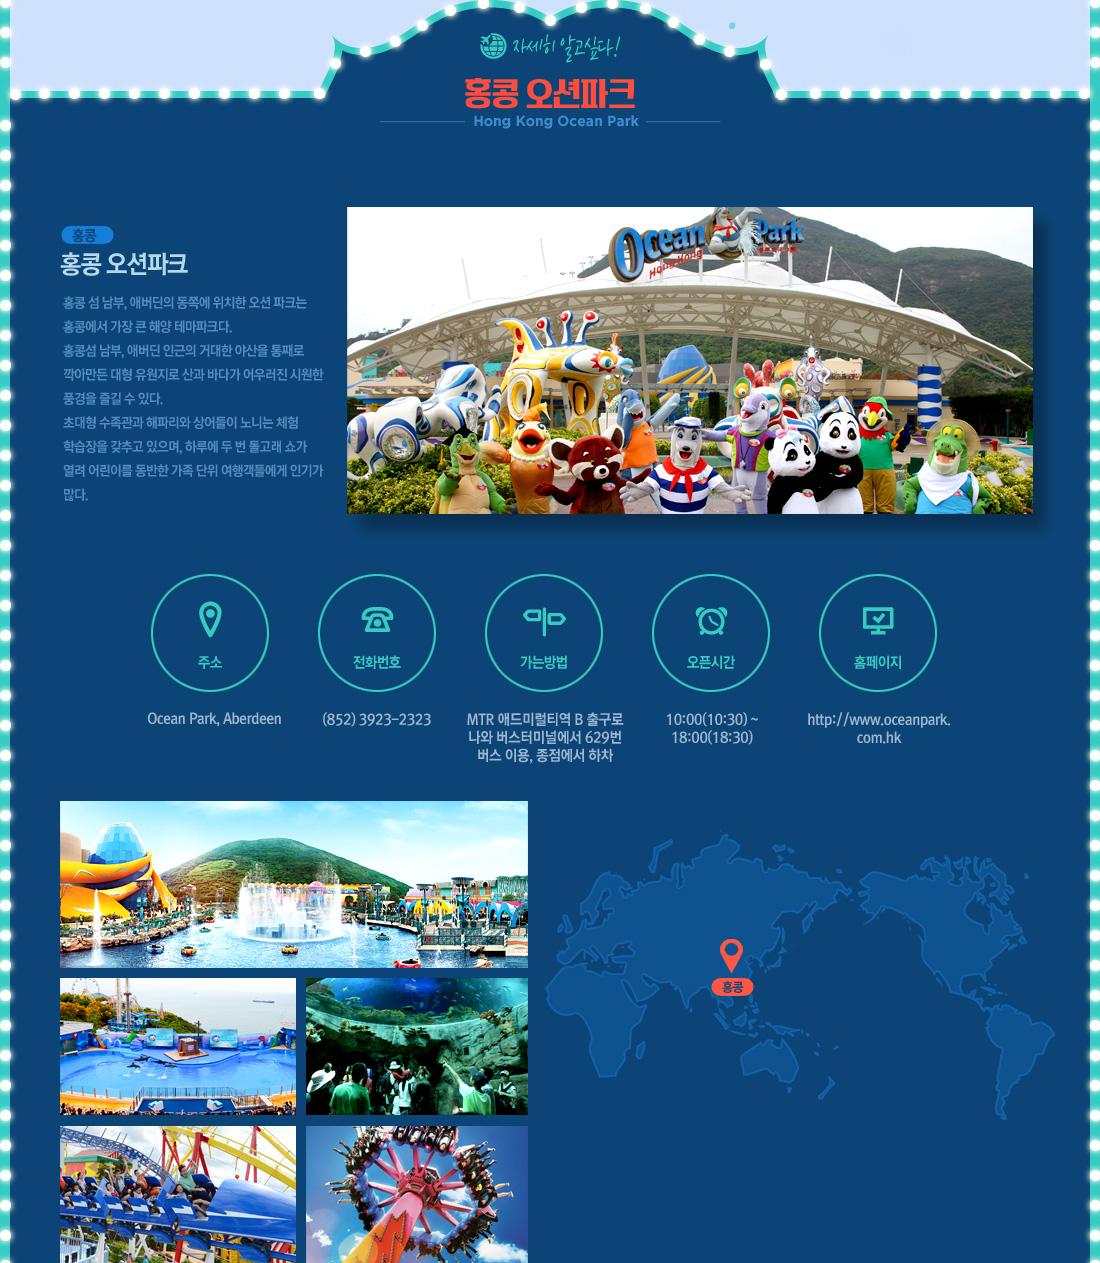 홍콩 오션파크 중국